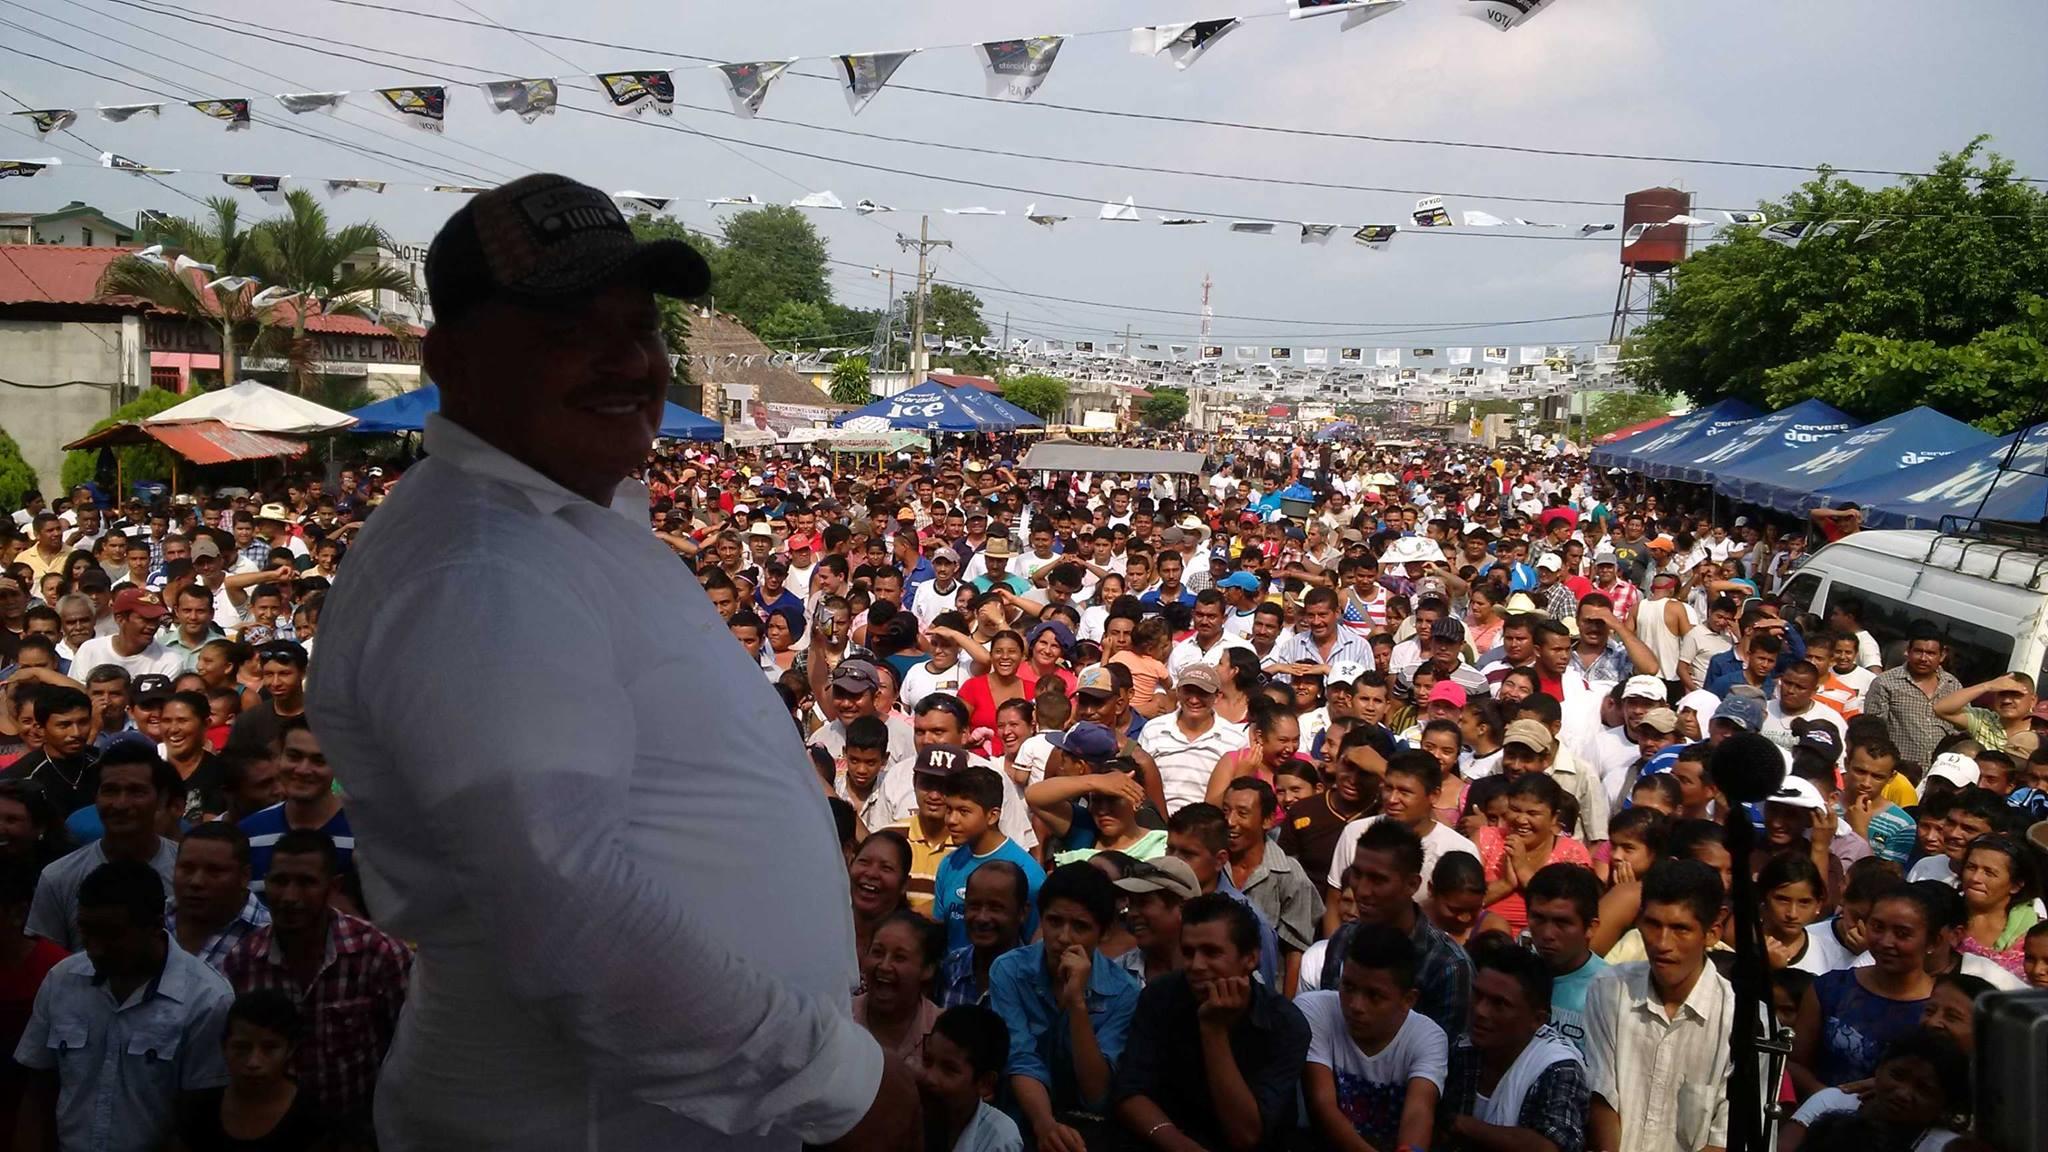 Media tonelada de cocaína y un alcalde costeño